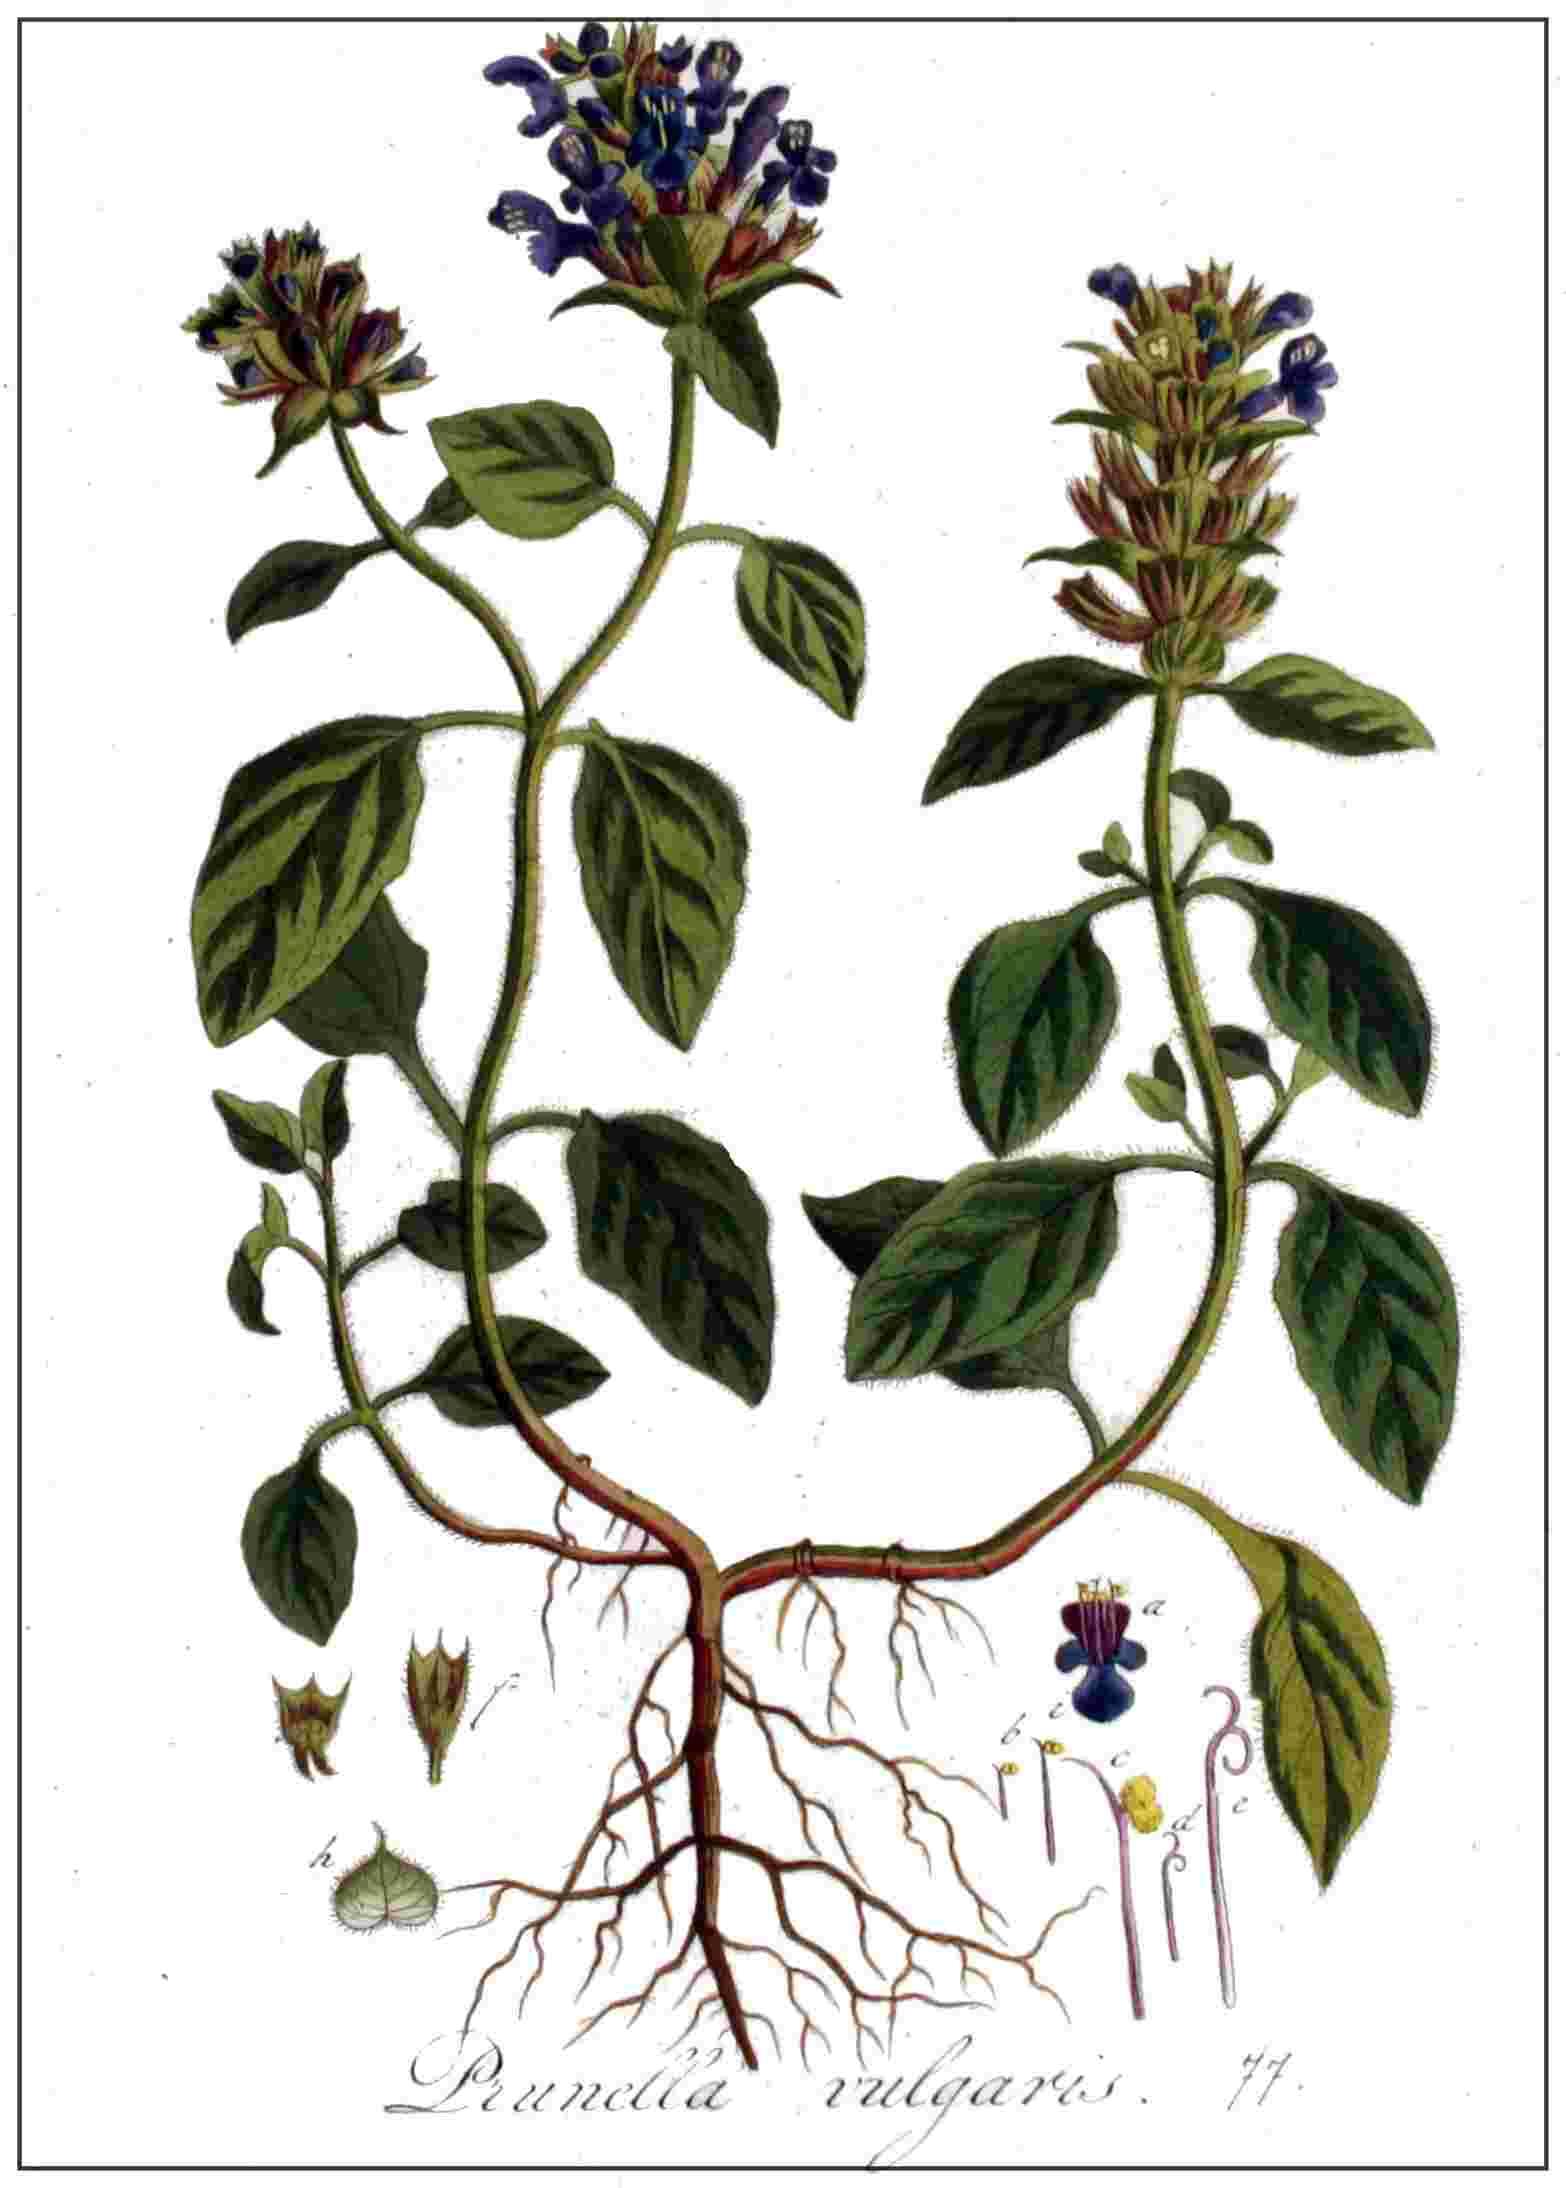 Kleine Braunelle – Prunella vulgaris